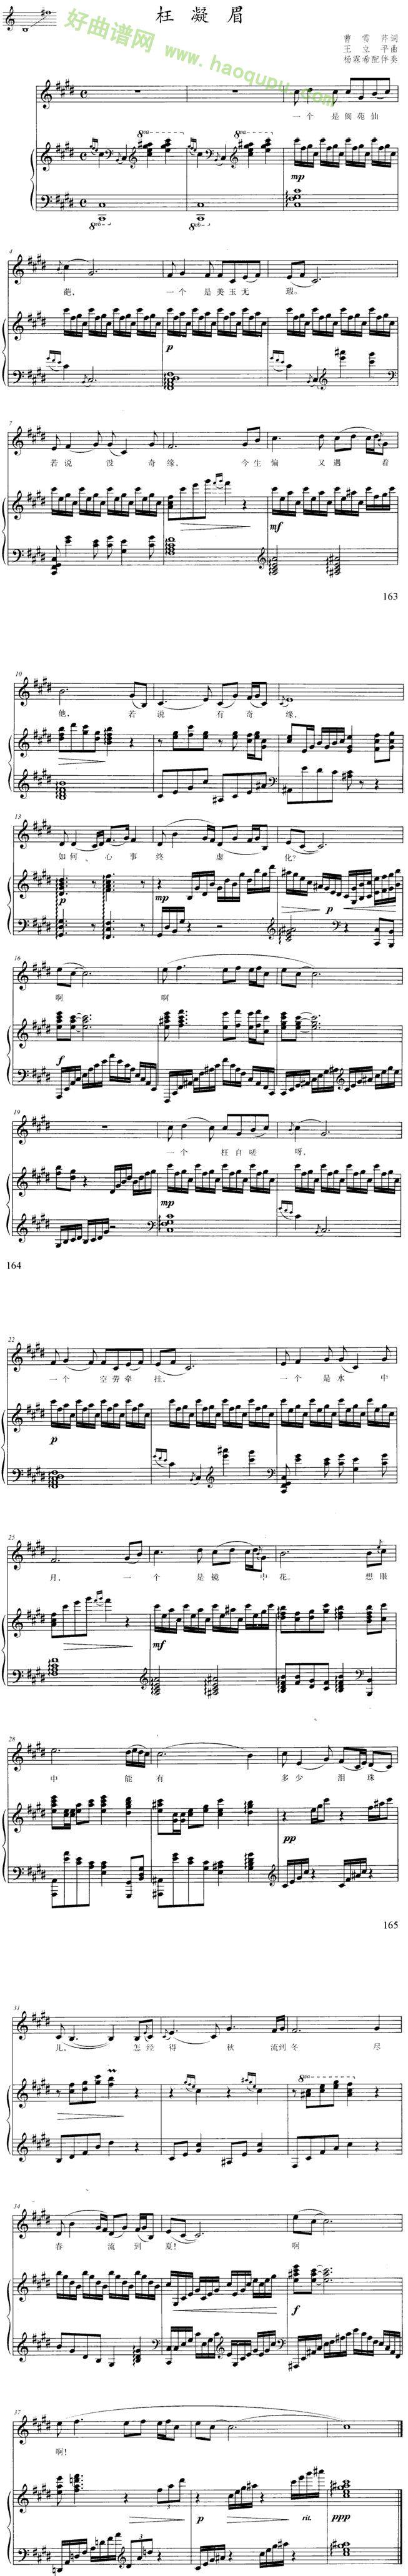 《枉凝眉》 - 钢琴谱_钢琴曲谱_钢琴歌谱 - 好曲谱网